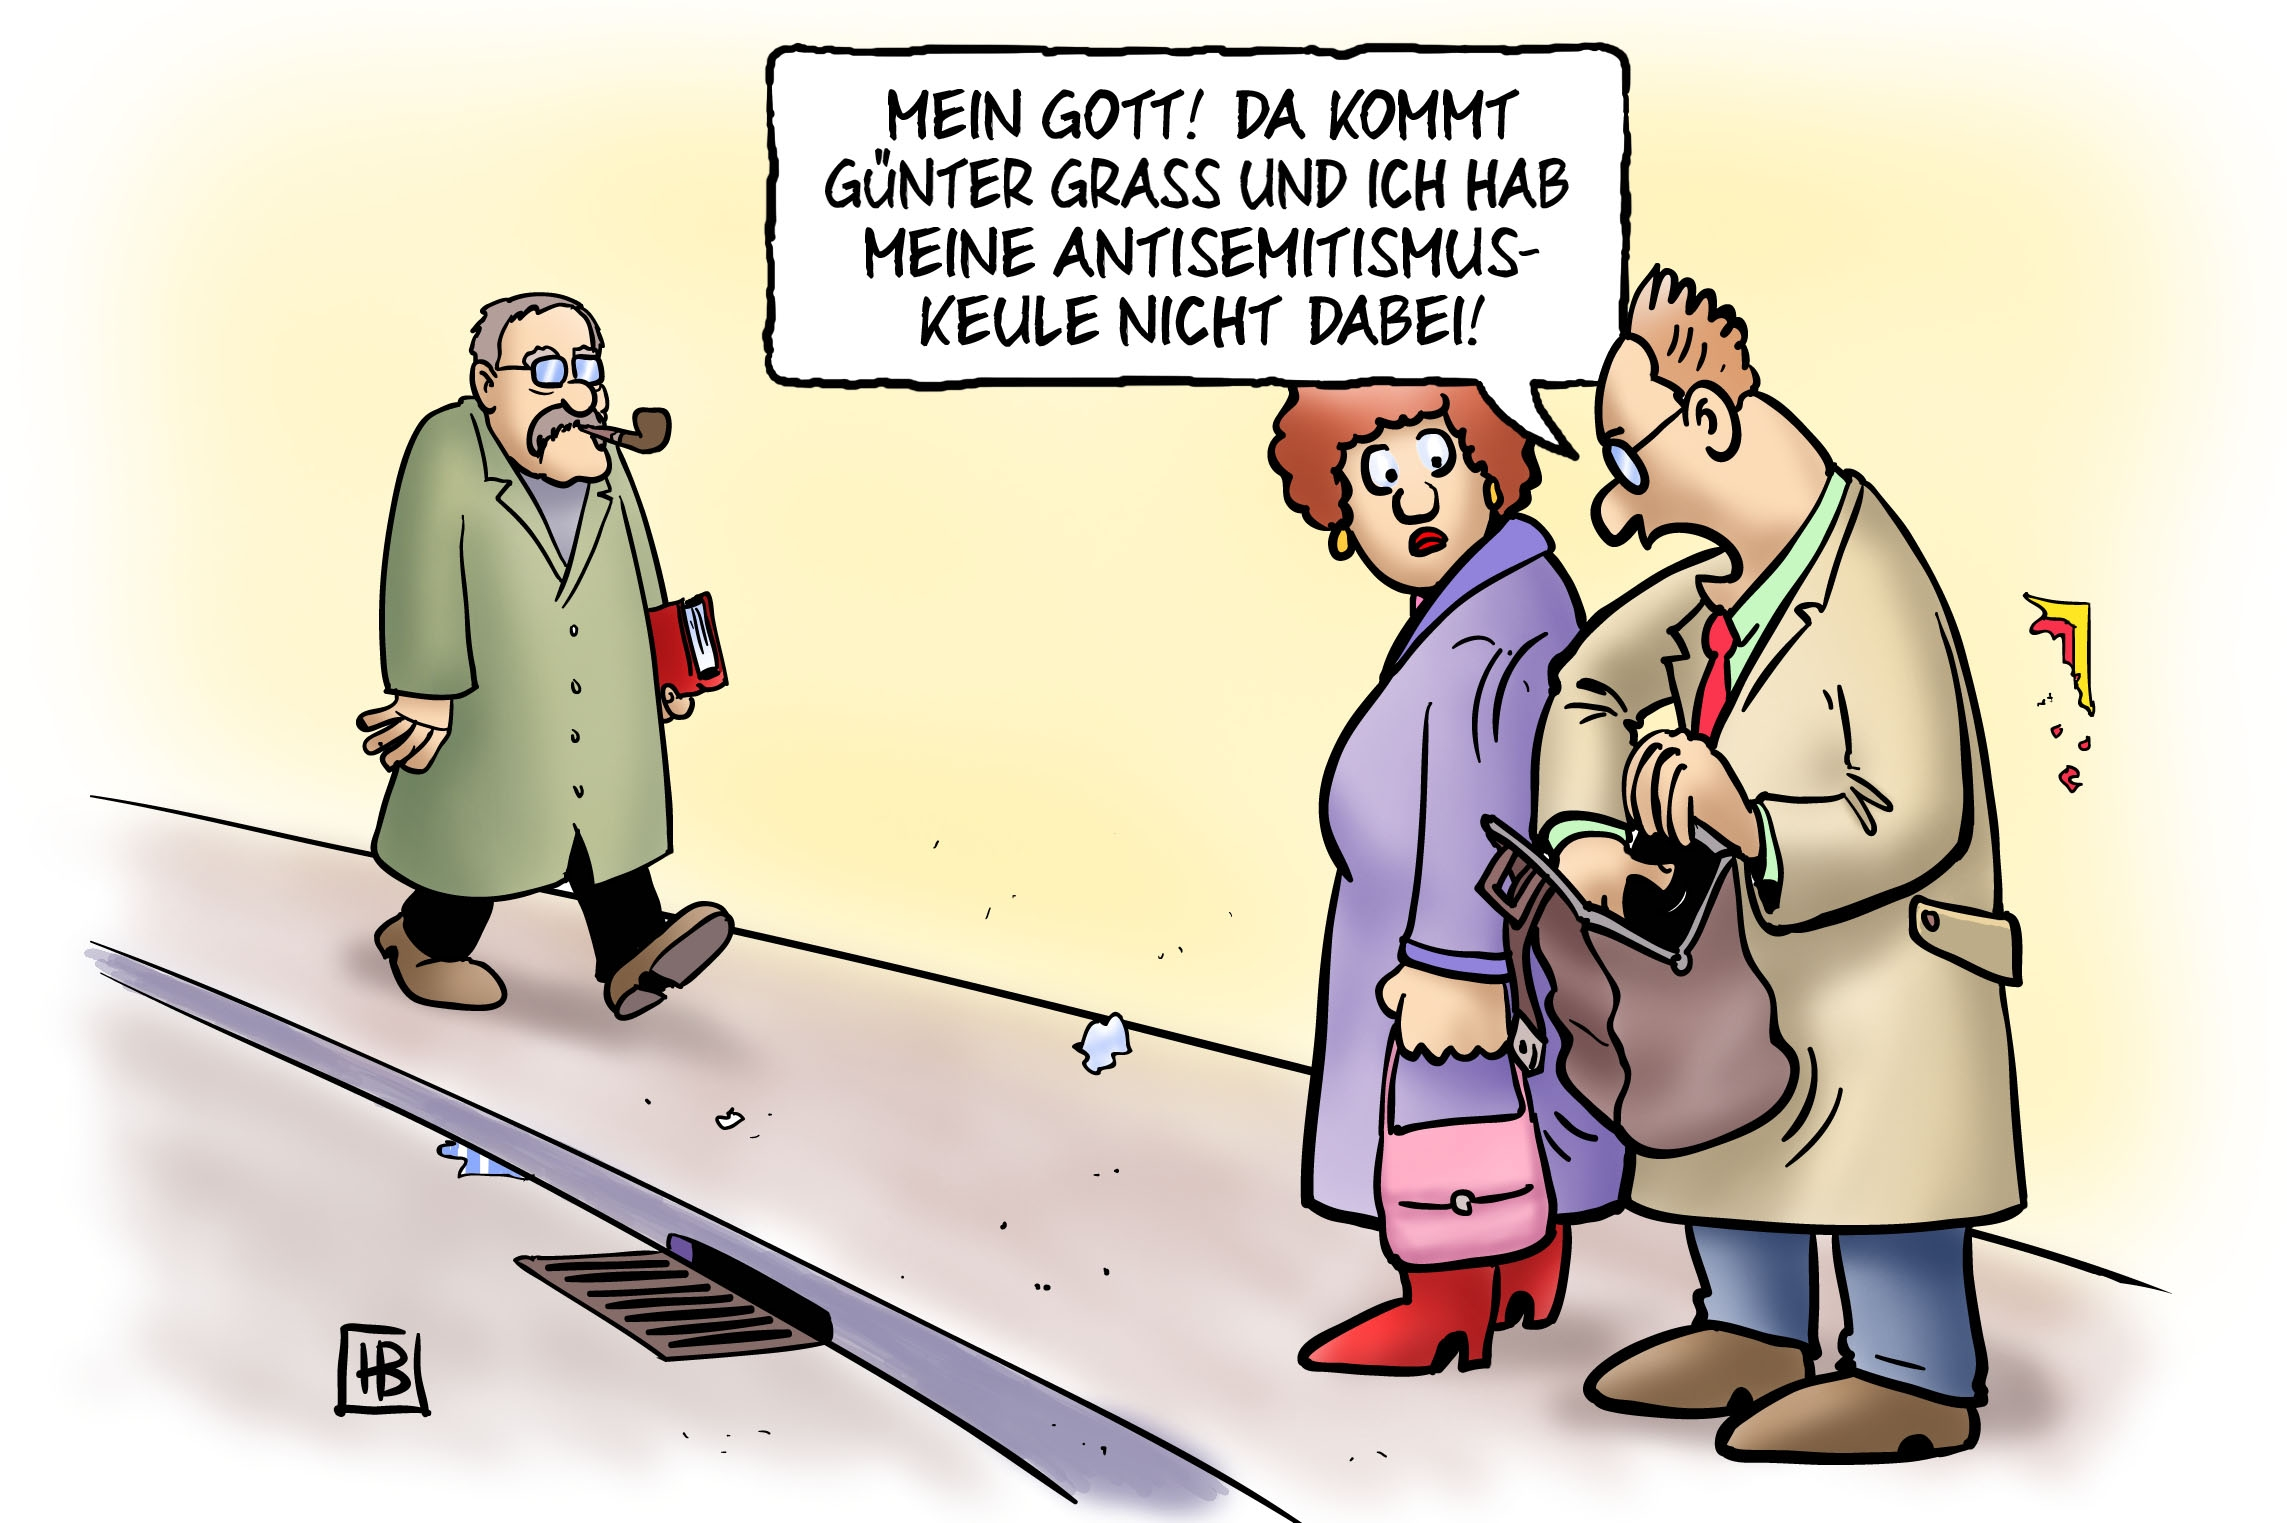 Günter Grass war jemand, an dem sich auch <strong>Karikaturisten</strong> abgearbeitet haben.